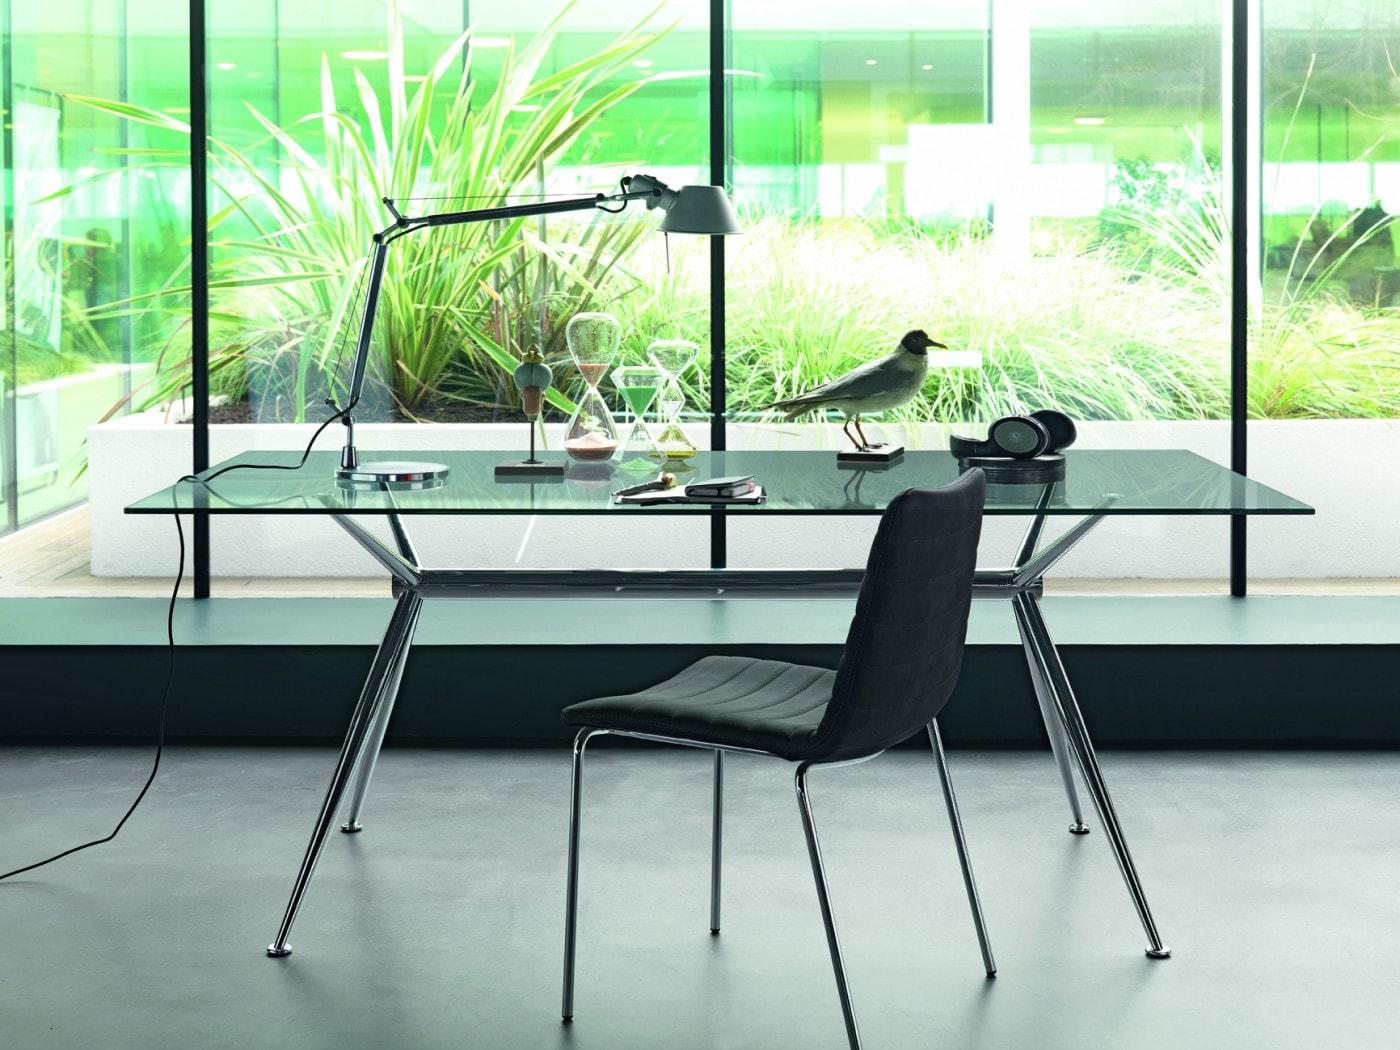 Immagini Tavoli In Cristallo.Tavoli In Cristallo Design 100 Made In Italy Studio T